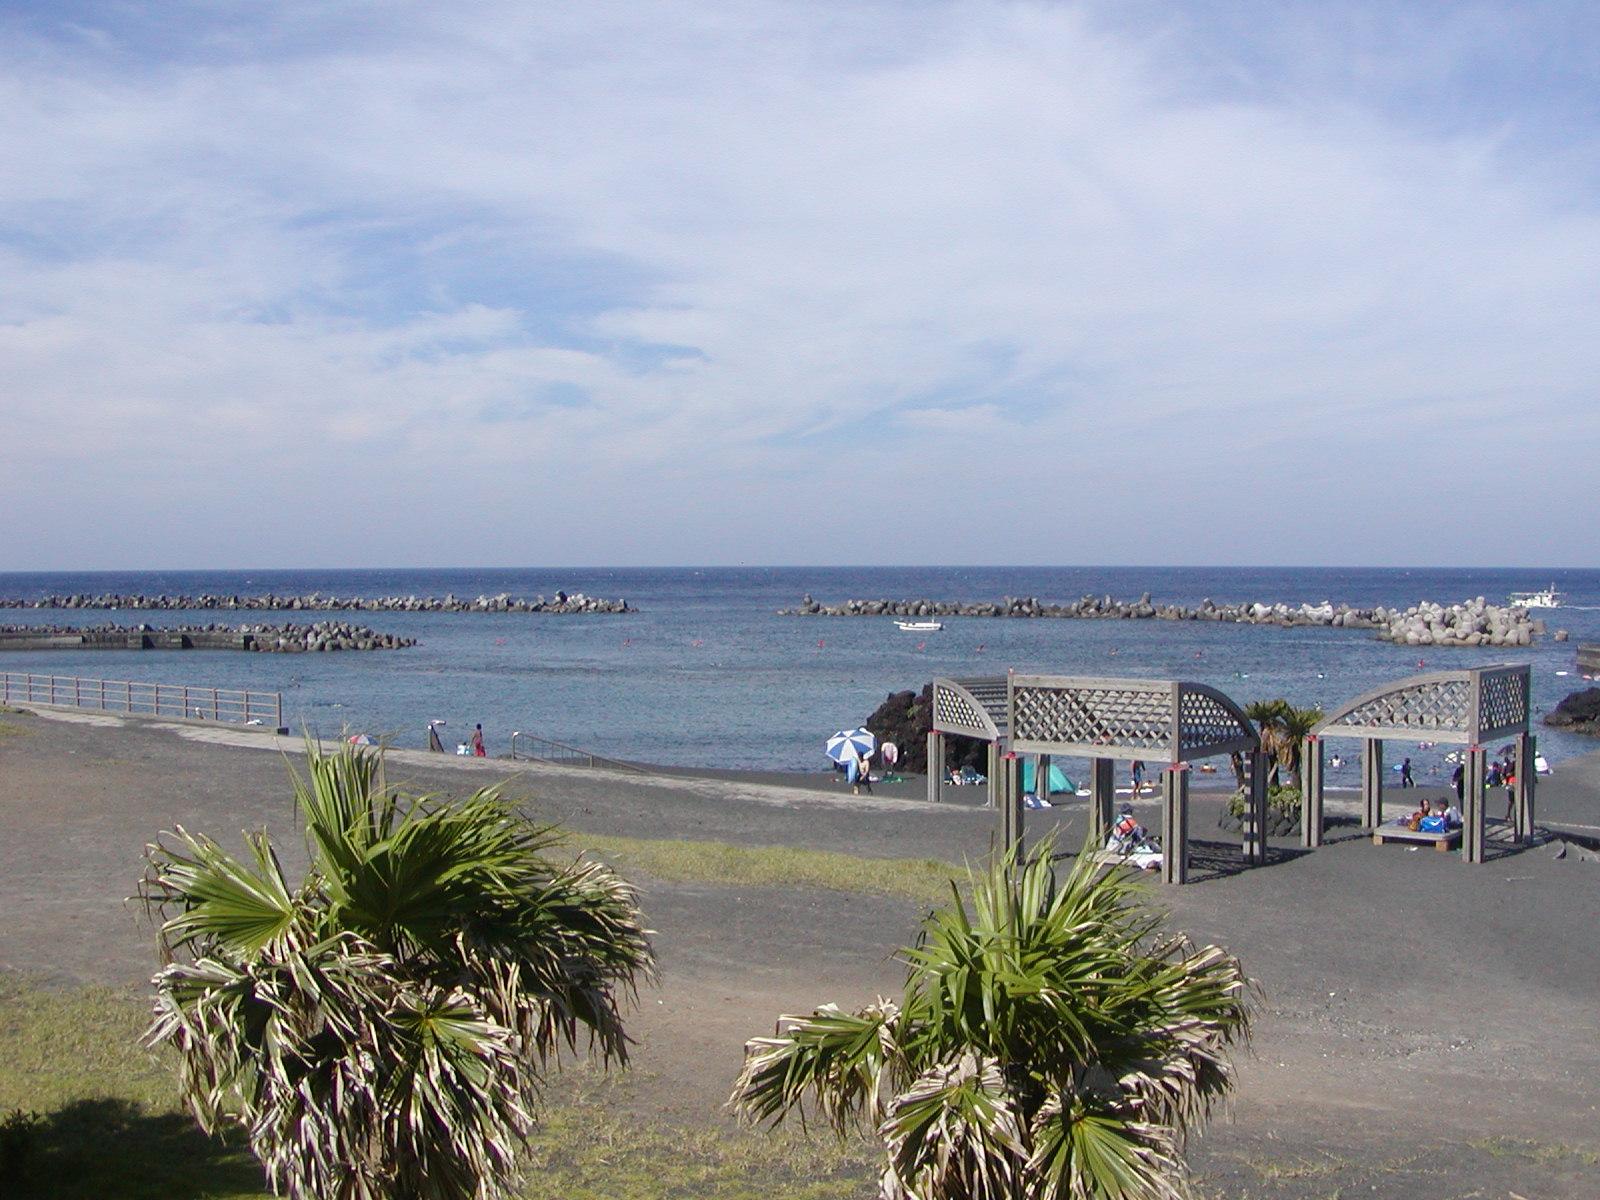 伊豆諸島『八丈島』の総合情報サイト